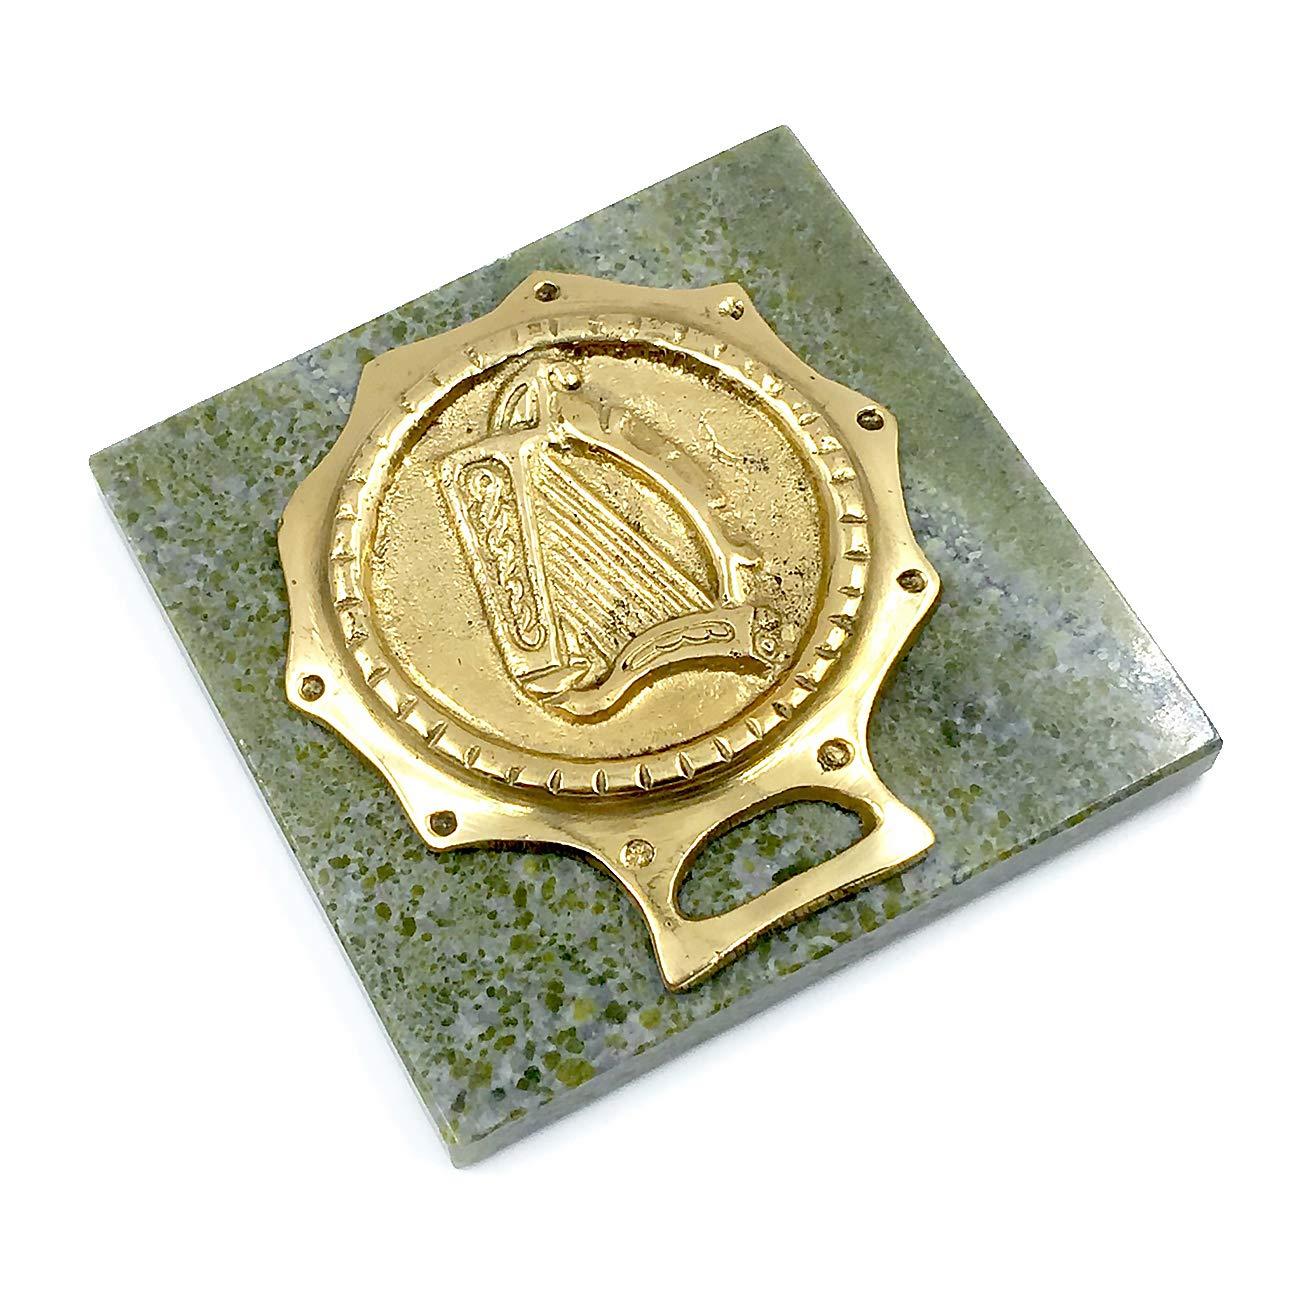 Connemara Square Irish Marble Paperweight w/Harp Medallion by Connemara